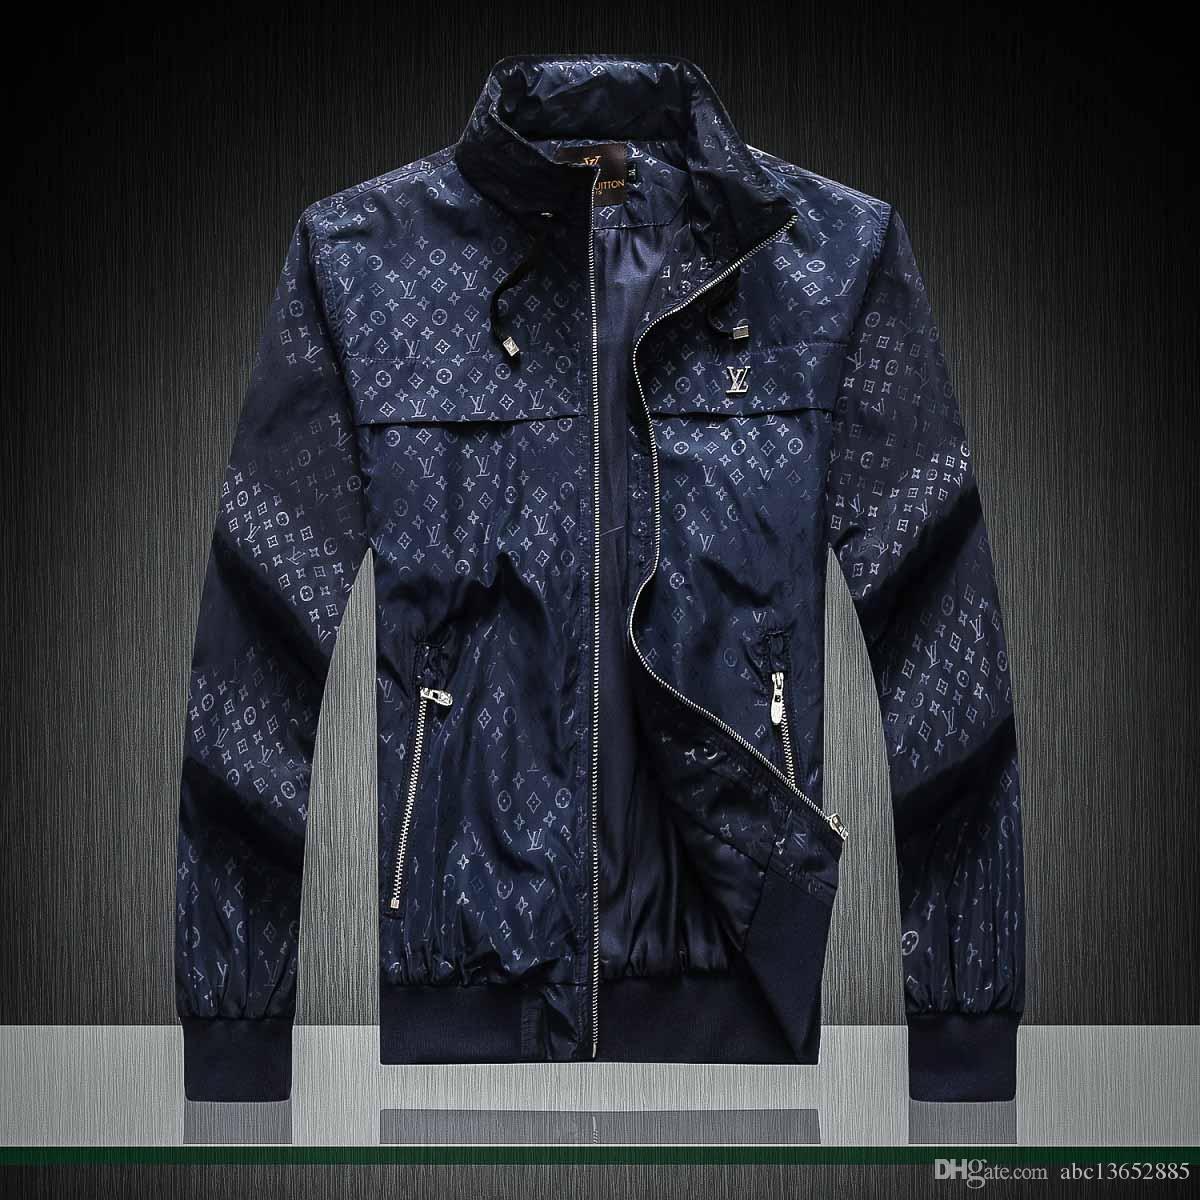 2020ss heißen Mensentwerfer Jacken Jeansjacken Männer Hip Hop Marke Luxus-Jacke Männer Mäntel Oberbekleidung Herrenbekleidung